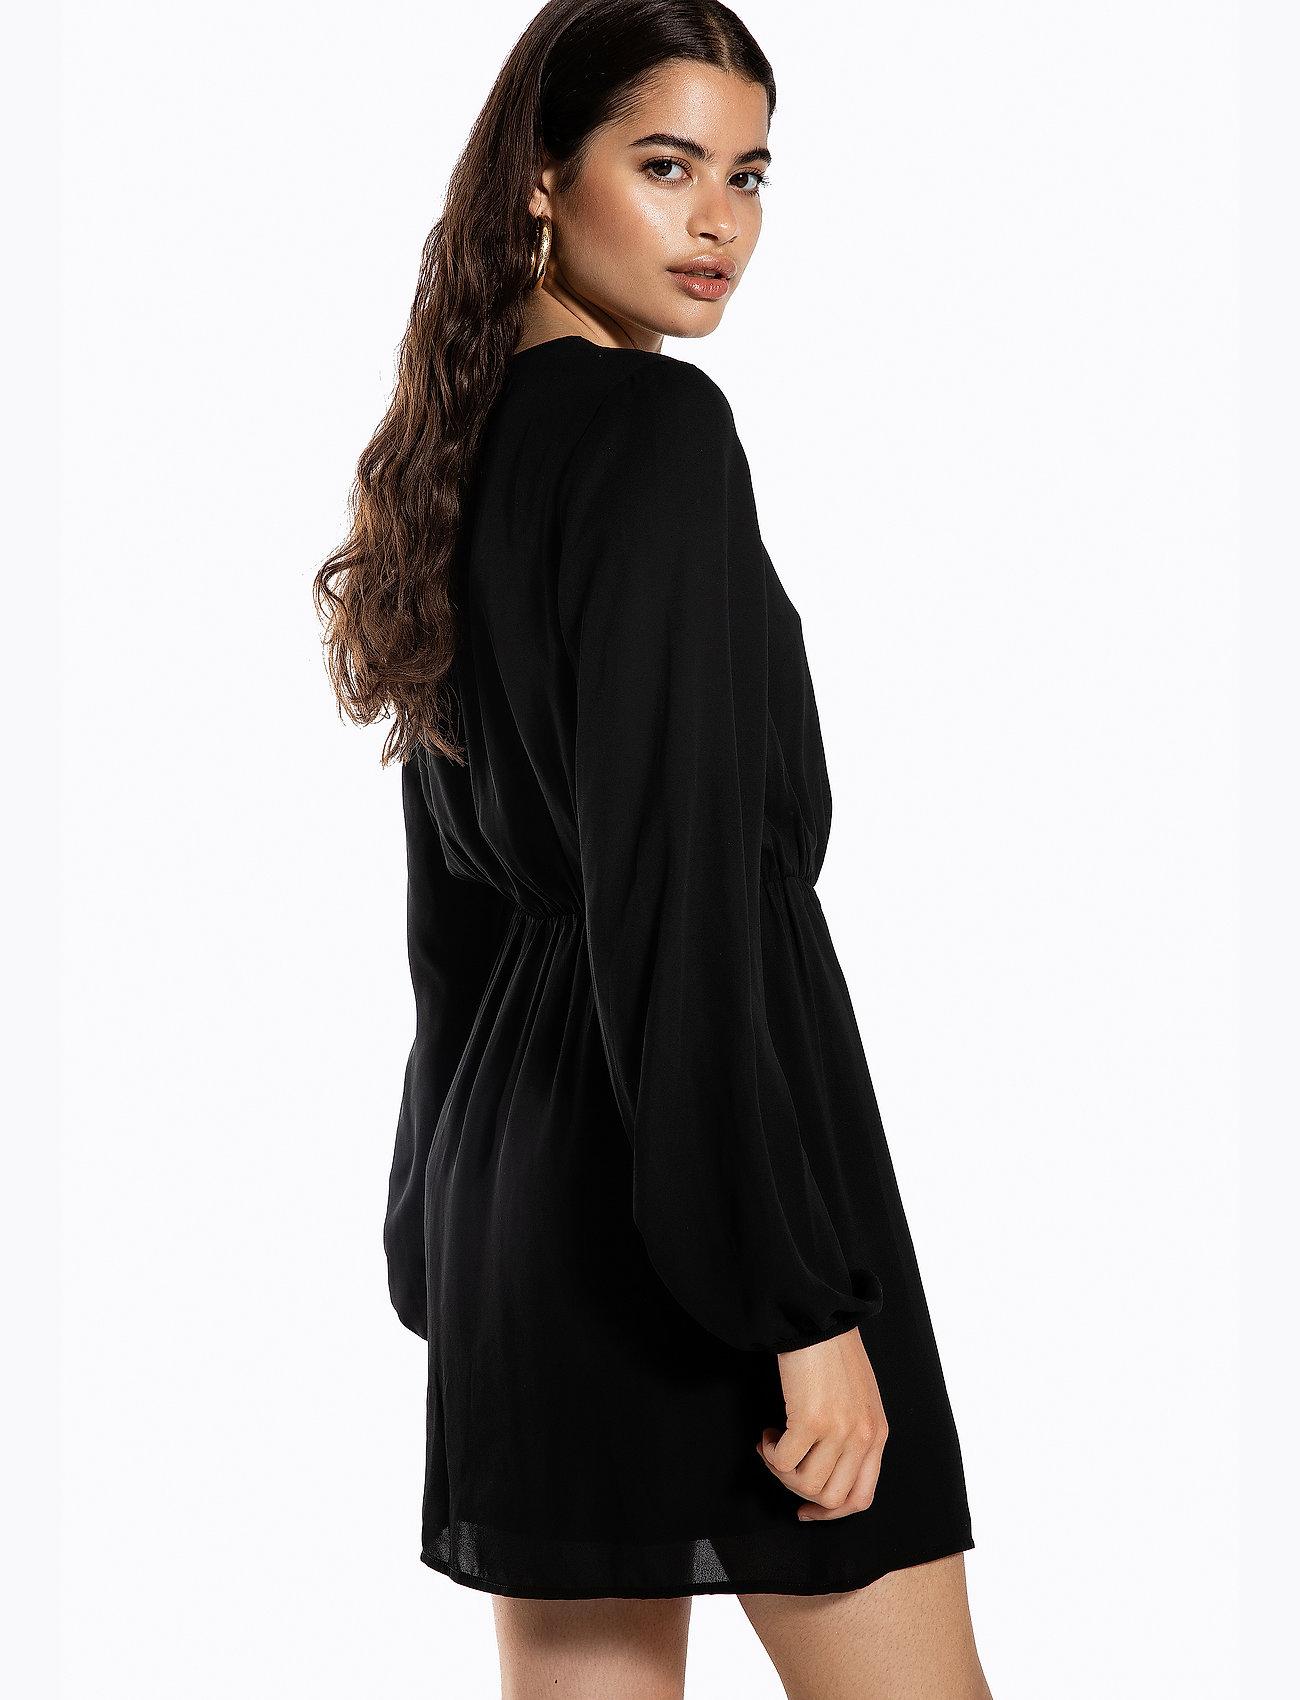 Ivyrevel BALLOON SLEEVE DRESS - Dresses BLACK